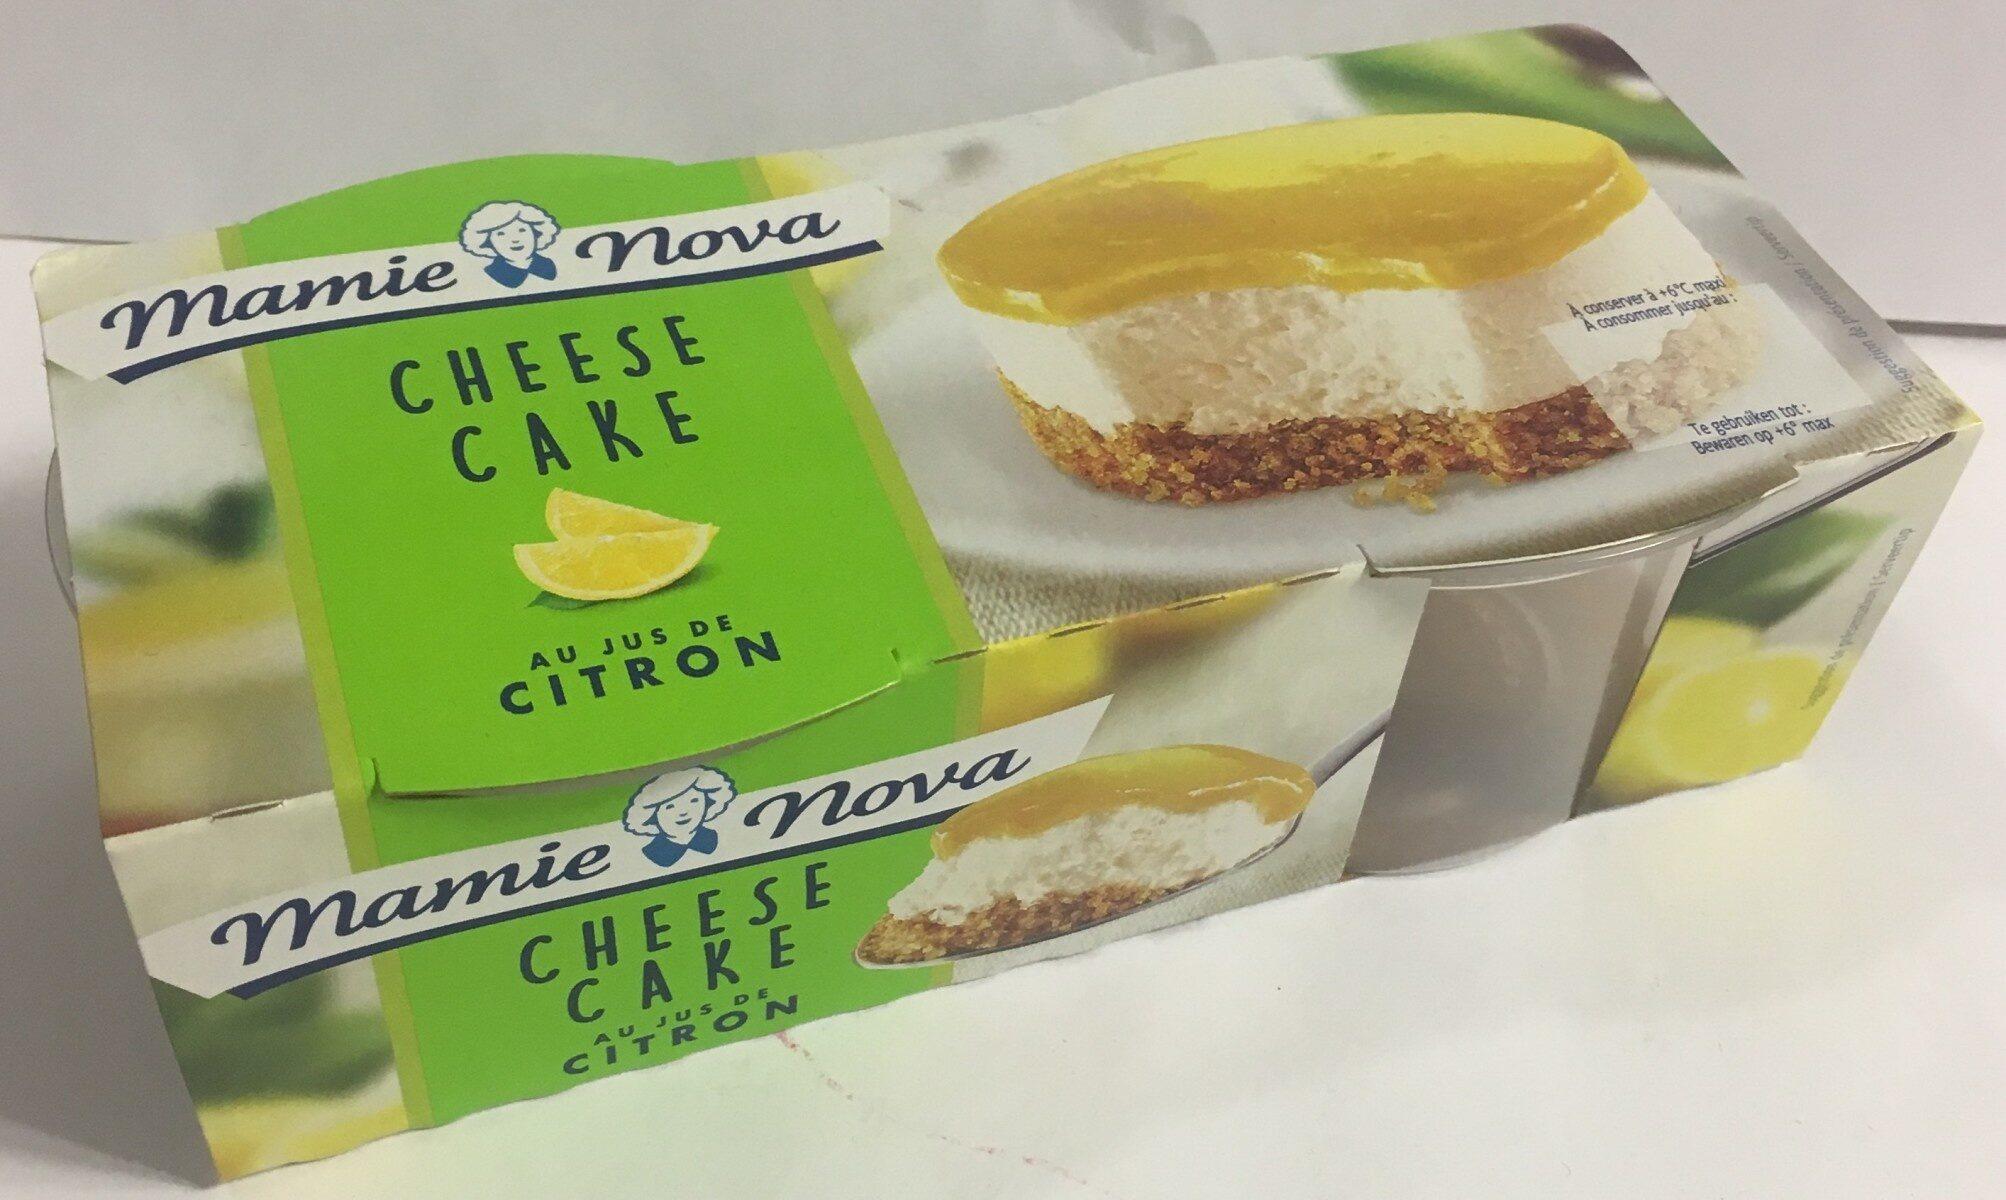 Cheese cake citron - Produit - fr